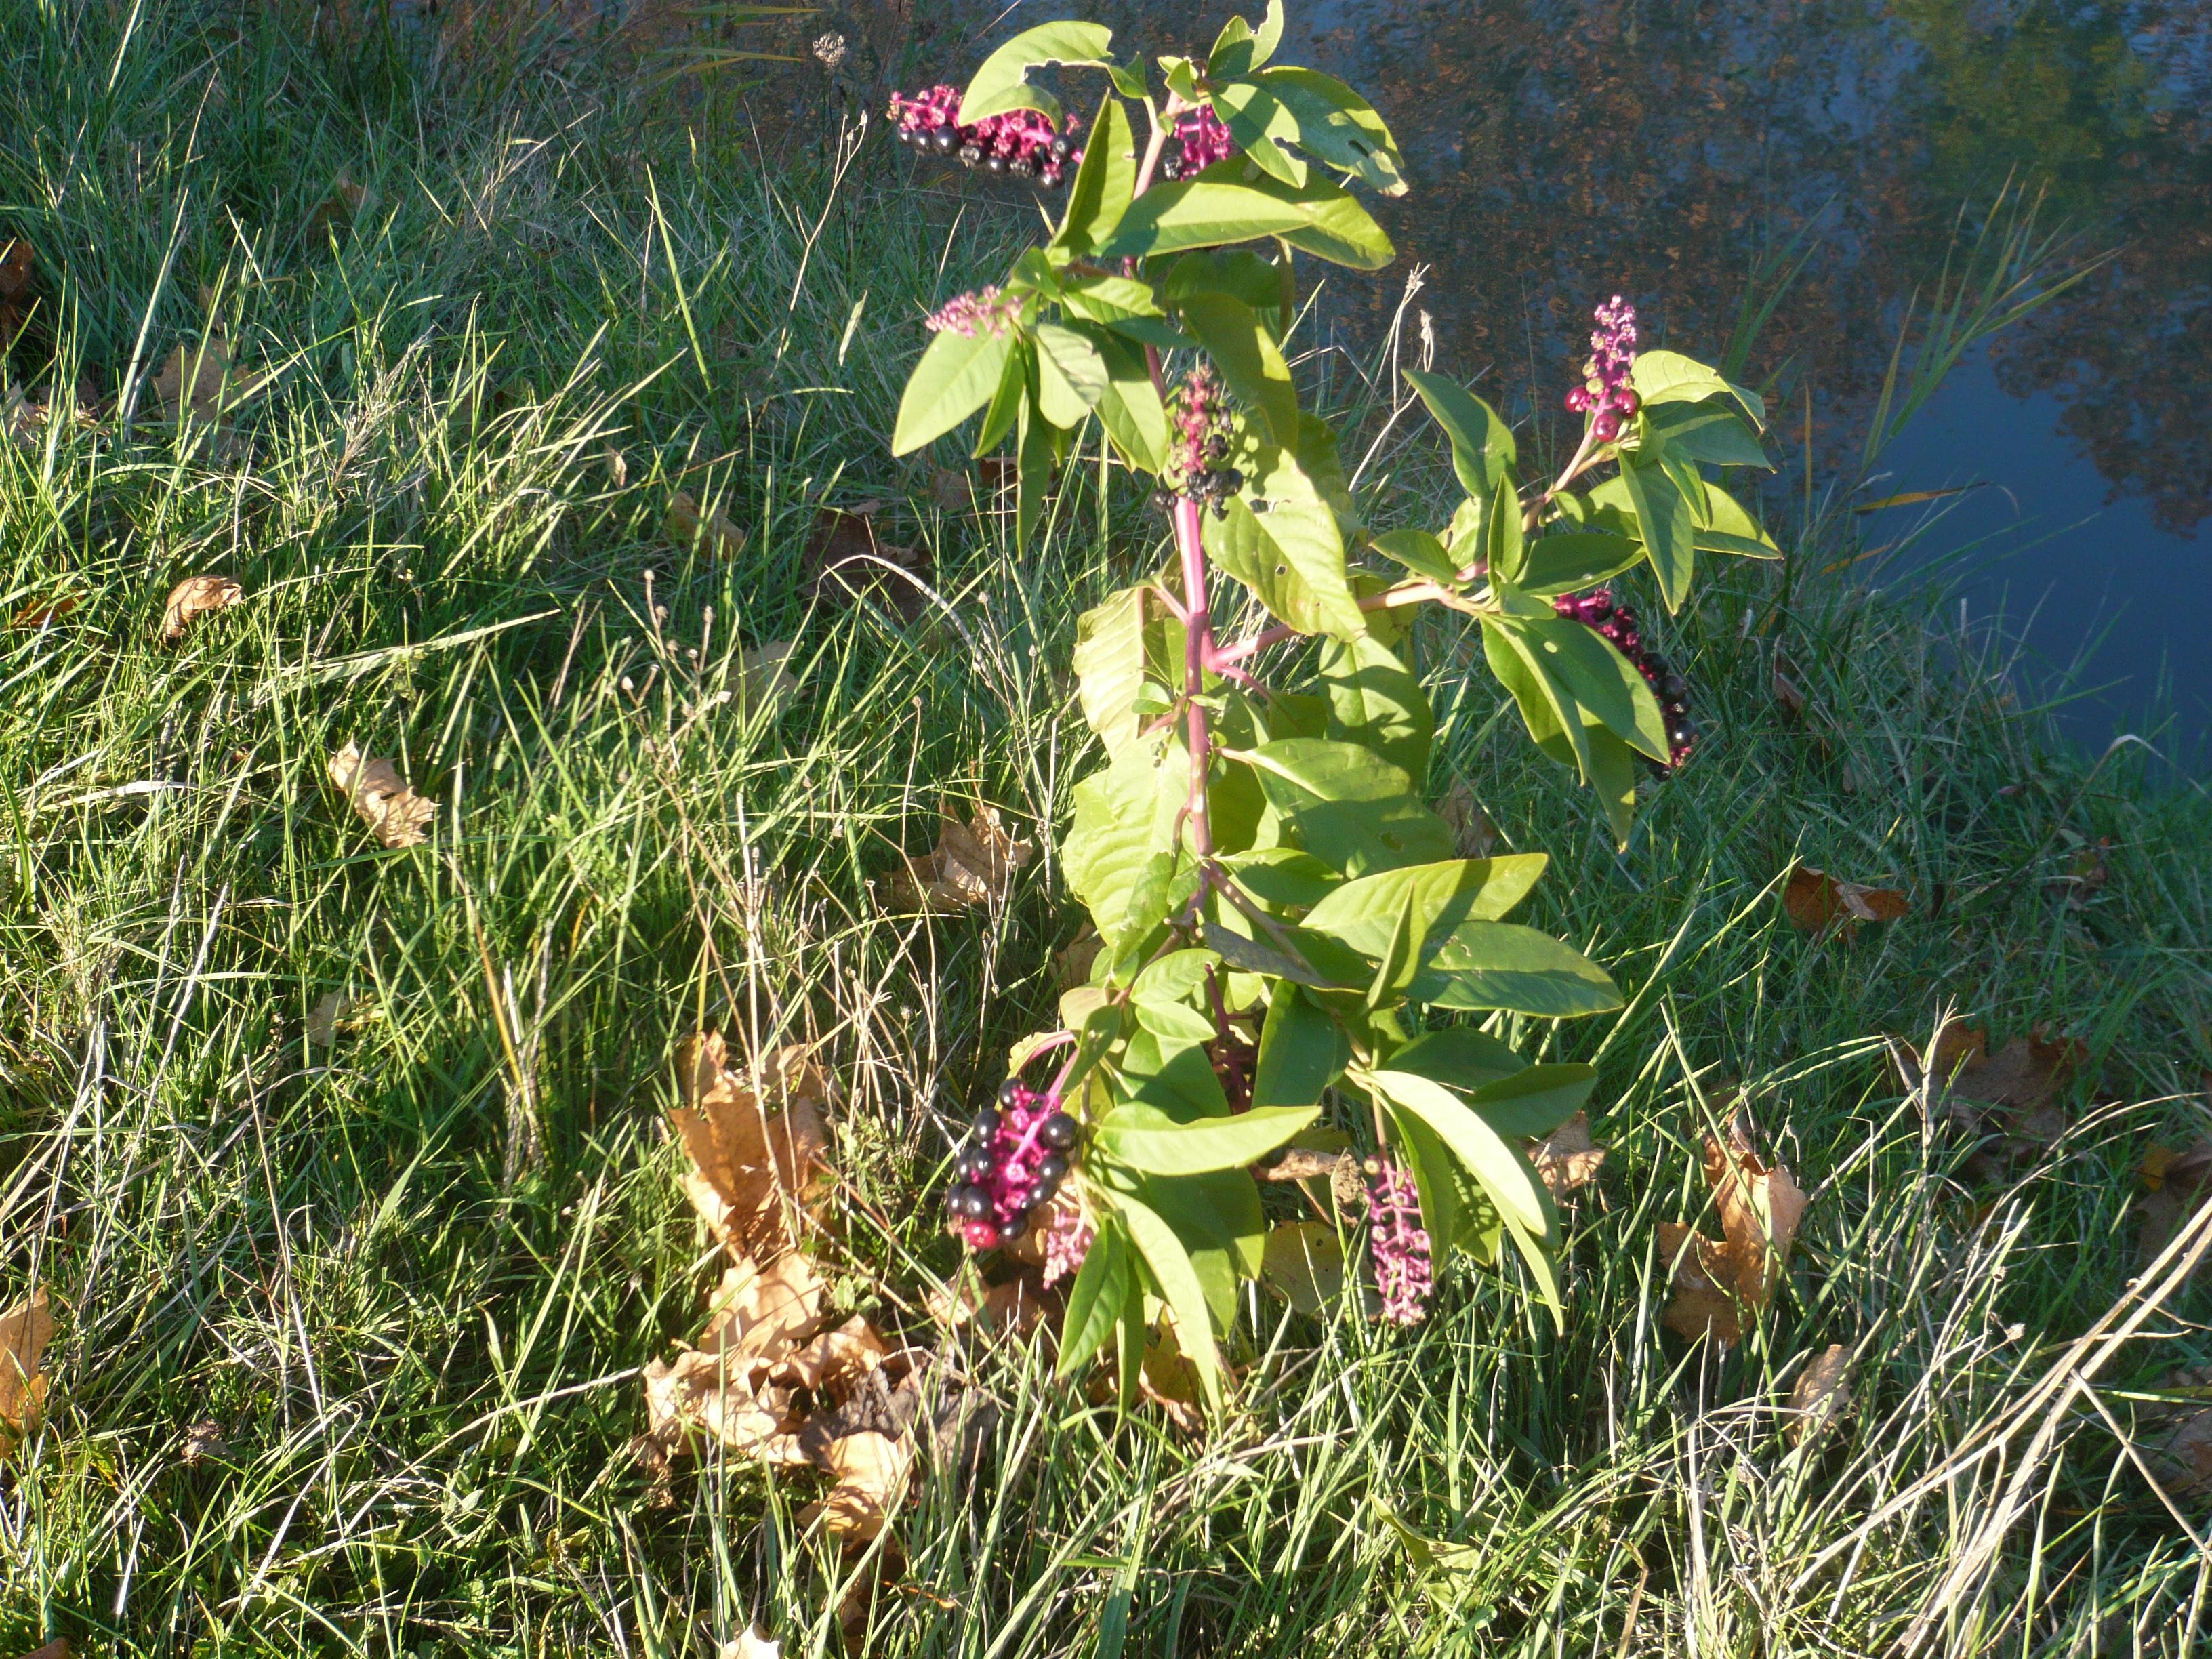 <a href=https://biodiv-montech.fr/observation/phytolaque-phytolacca-americana/>Phytolaque (Phytolacca americana)</a><br>Espèce : Phytolaque<br>Observé à Montech berges du canal l'après-midi du 15 / 11 / 2016<br>